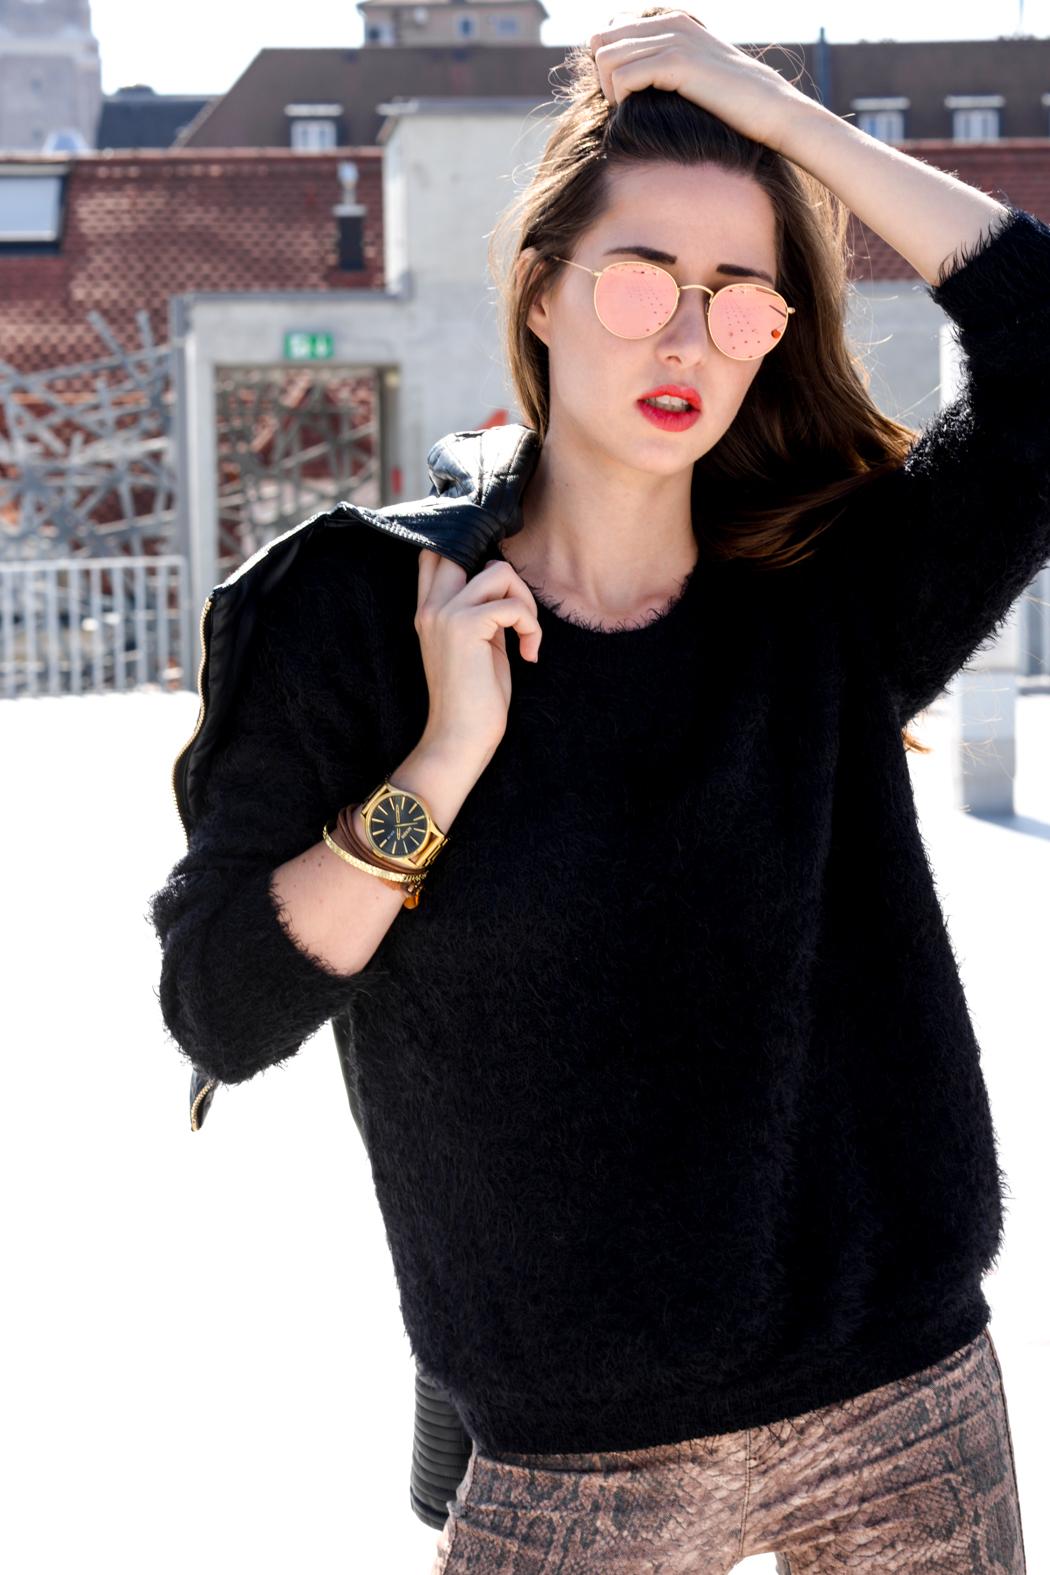 Schlangenpring-Leggins-Zara-Teddypulli-Nixon-Watch-Fashionblogger-München-8